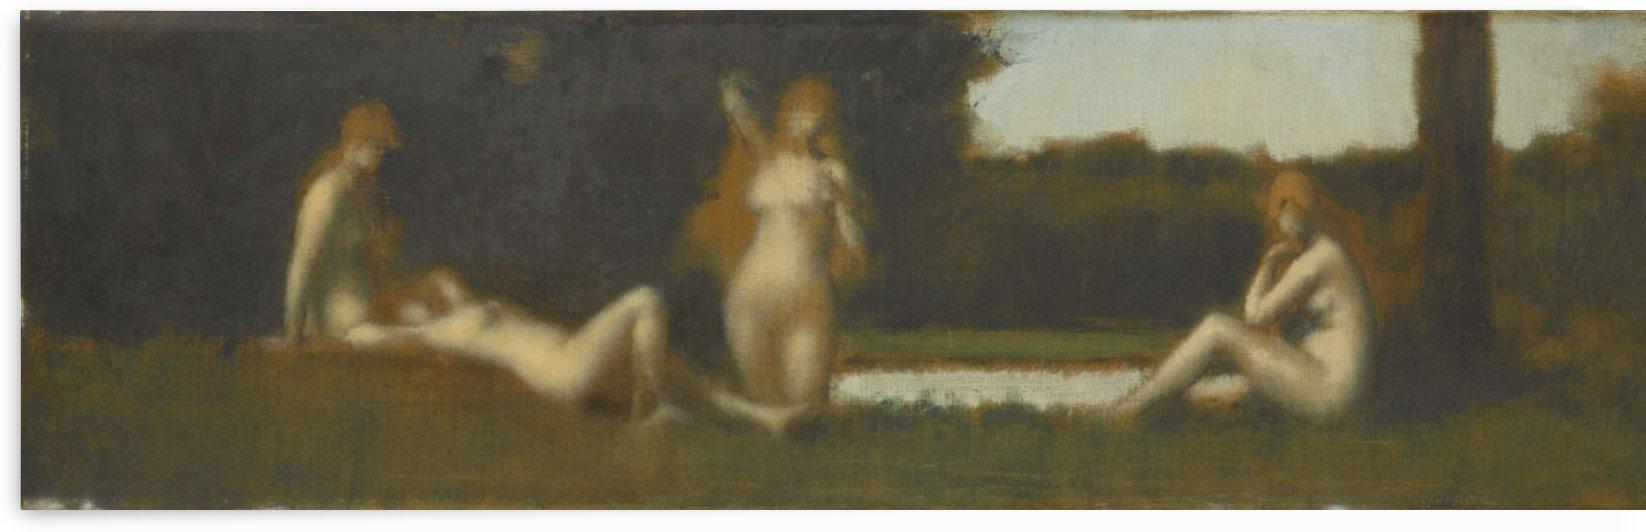 Nymphes a la sortie du bain by Jean-Jacques Henner